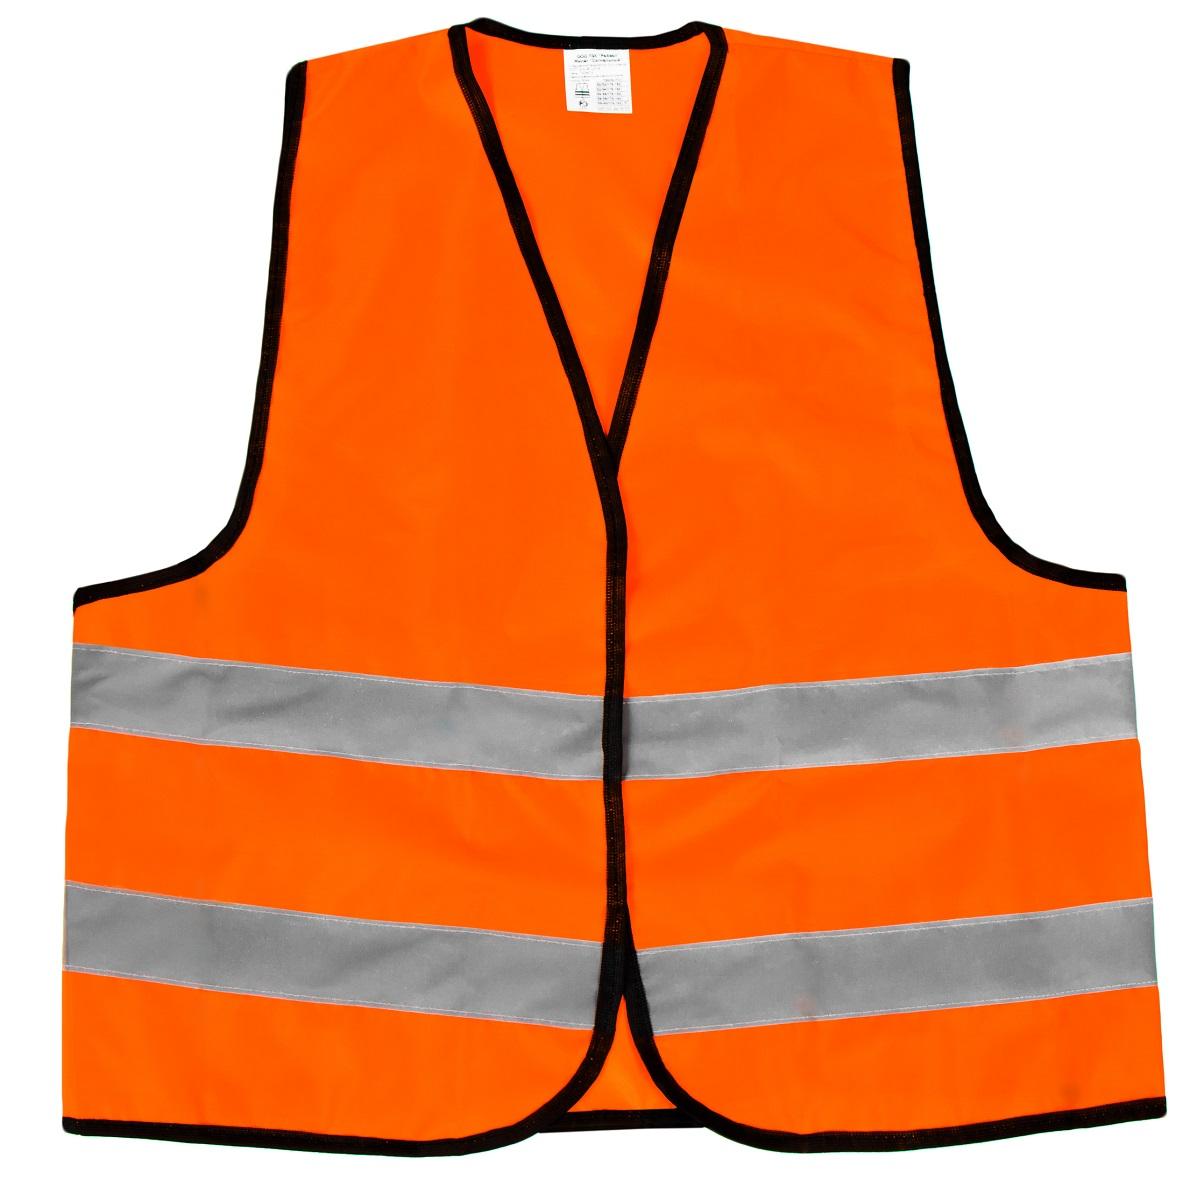 Жилет светоотражающий Rival Сигнальный, 2 класс защиты, цвет: оранжевый. Размер XXXL жилет светоотражающий светлячок эльфийская принцесса размер l